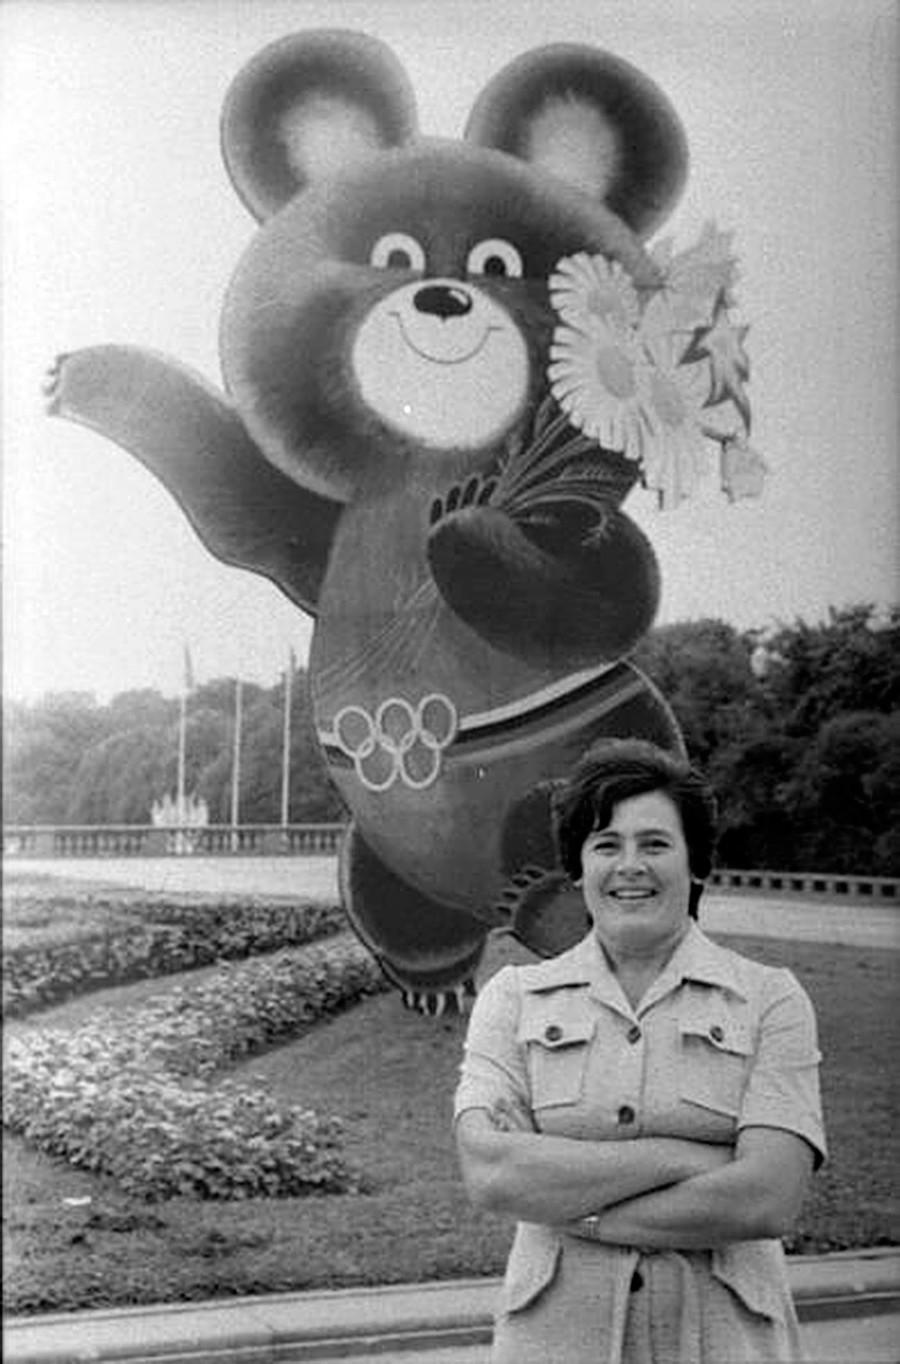 オリンピックのマスコット、熊のミーシカをバックにした女性のポートレート